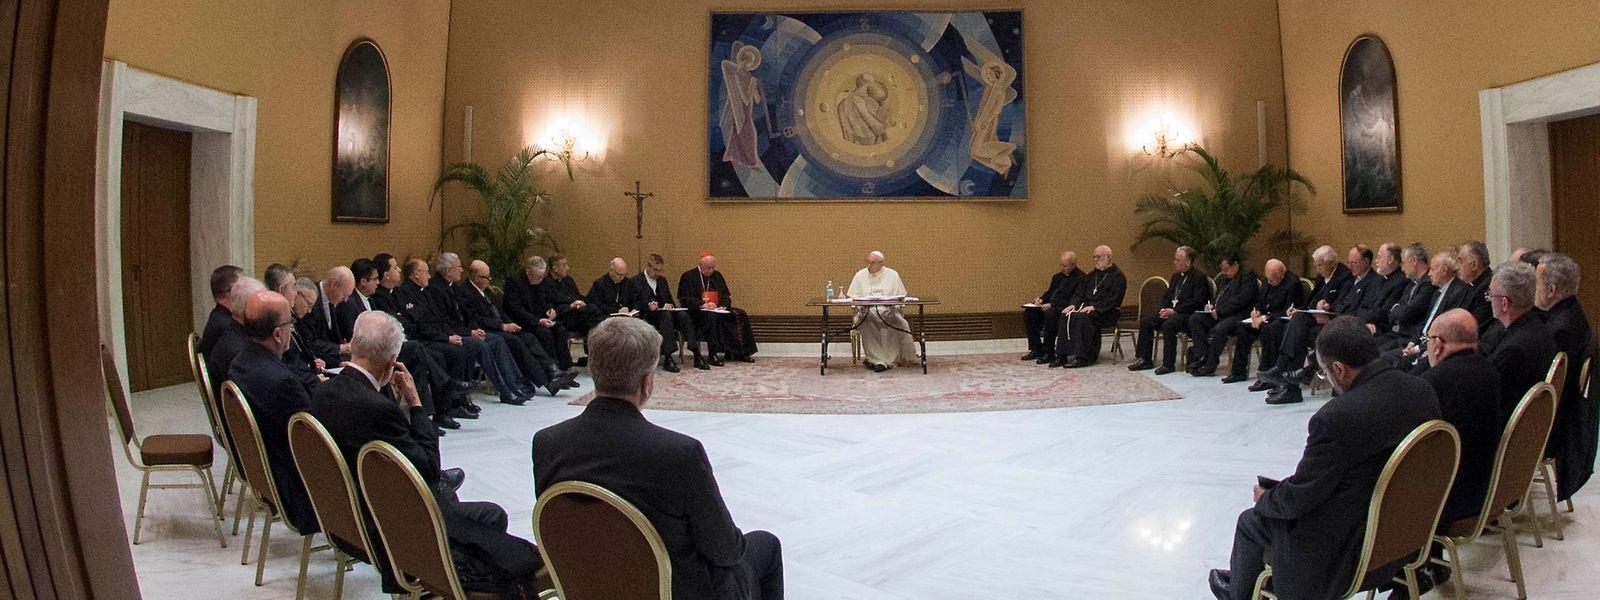 Le pape leur rappelle qu'il a dû demander «pardon» à plusieurs victimes du clergé chilien. Les prélats chiliens ont selon lui exprimé «leur ferme intention de réparer les dommages causés».